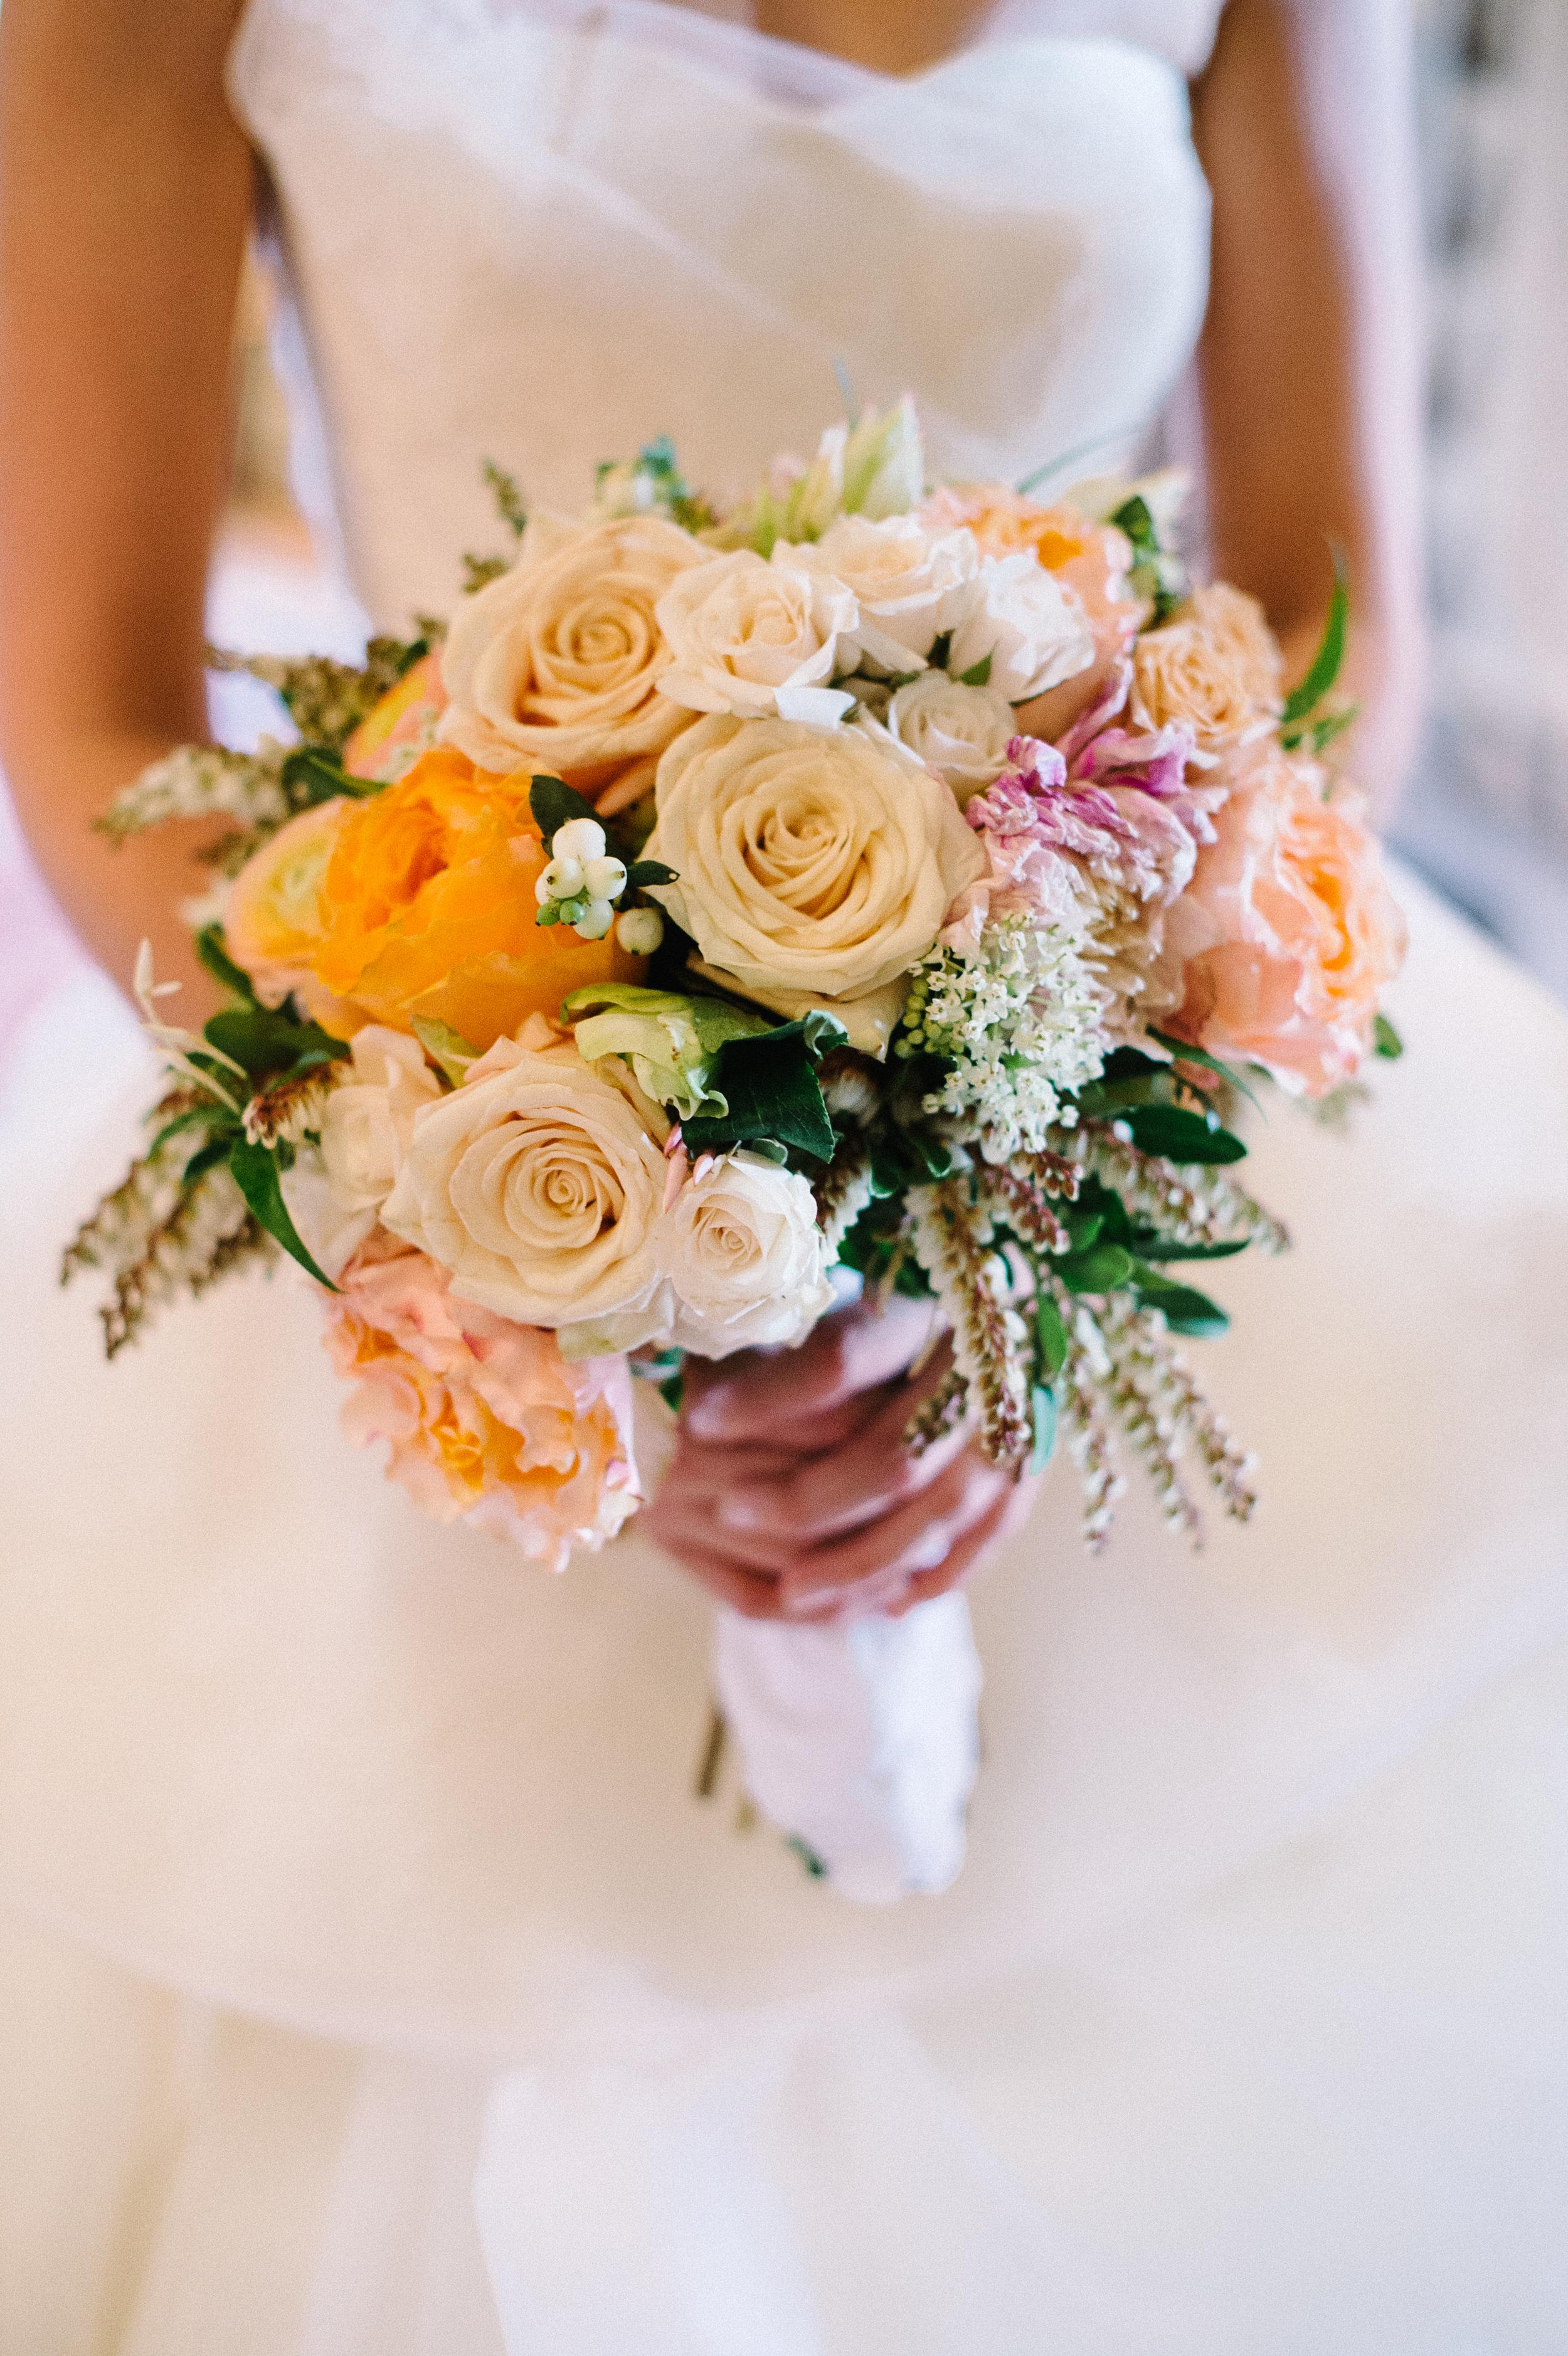 Pink, white orange bridal bouquet